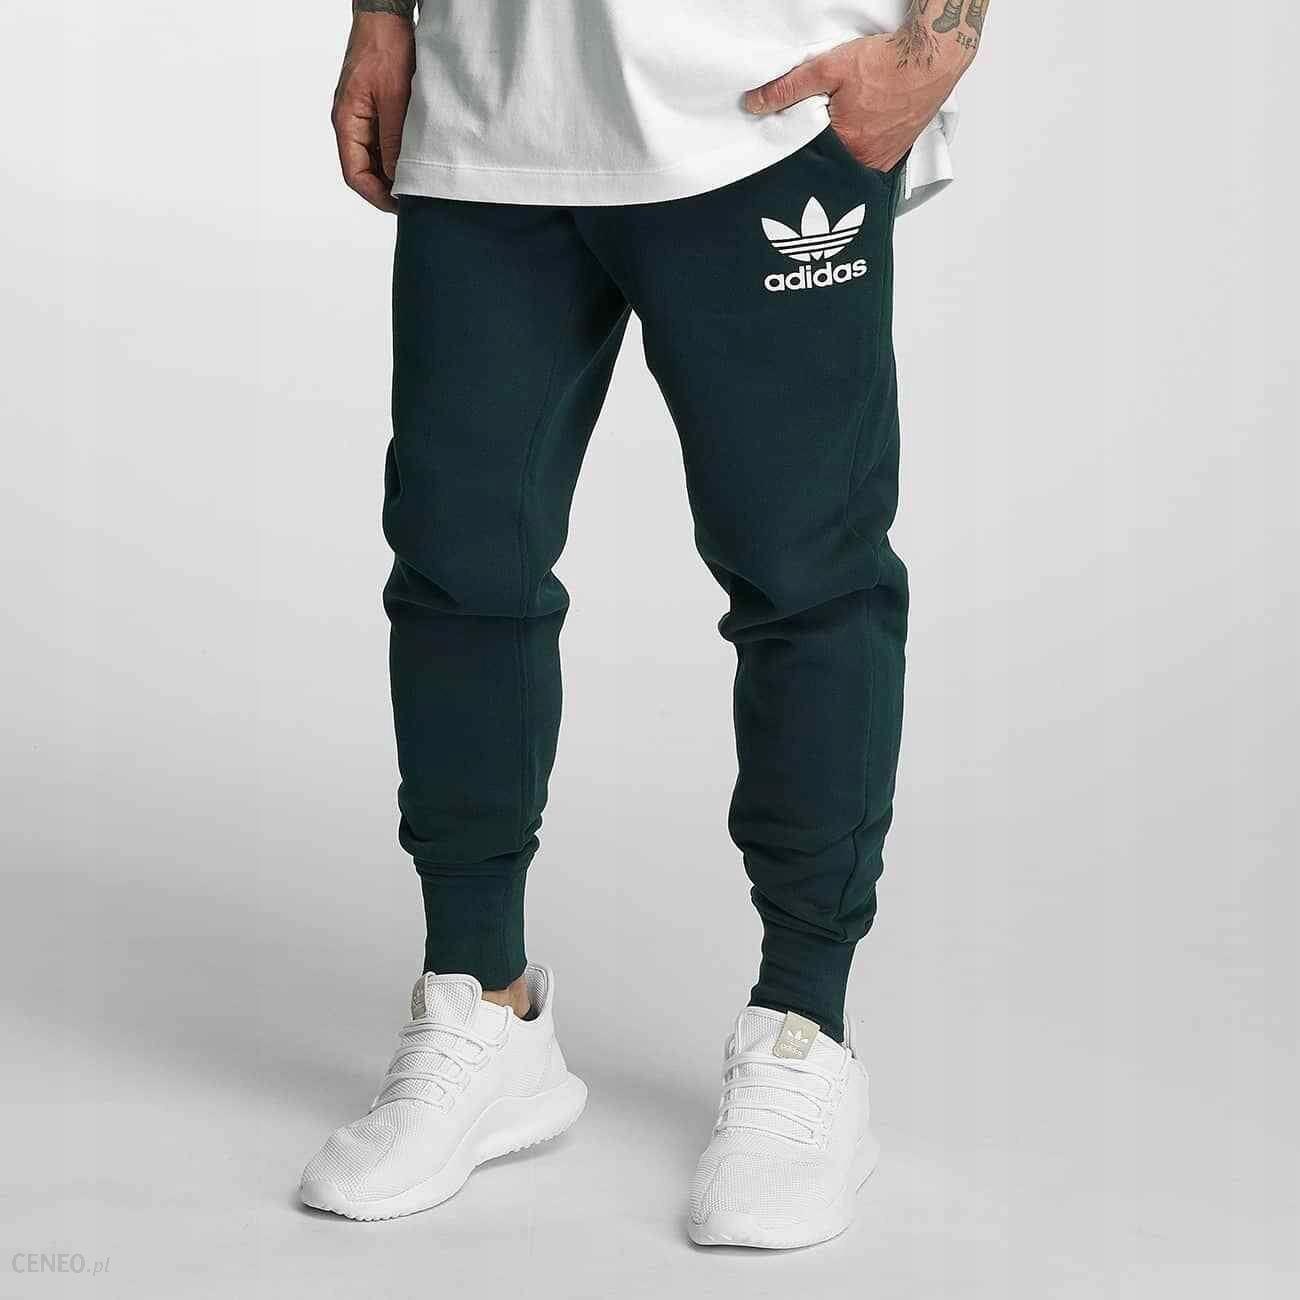 Adidas Originals Trefoil Spodnie Męskie BQ1843 Ceny i opinie Ceneo.pl